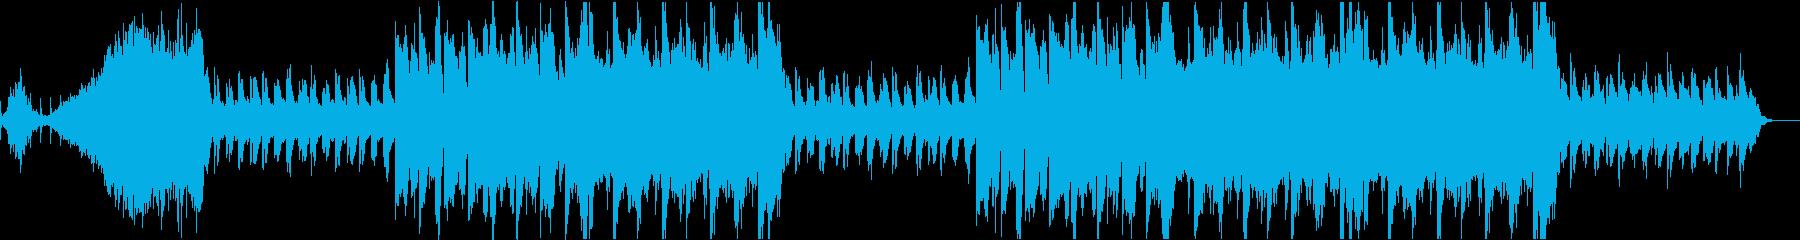 和風なCMに合いそうな癒し系バラードの再生済みの波形